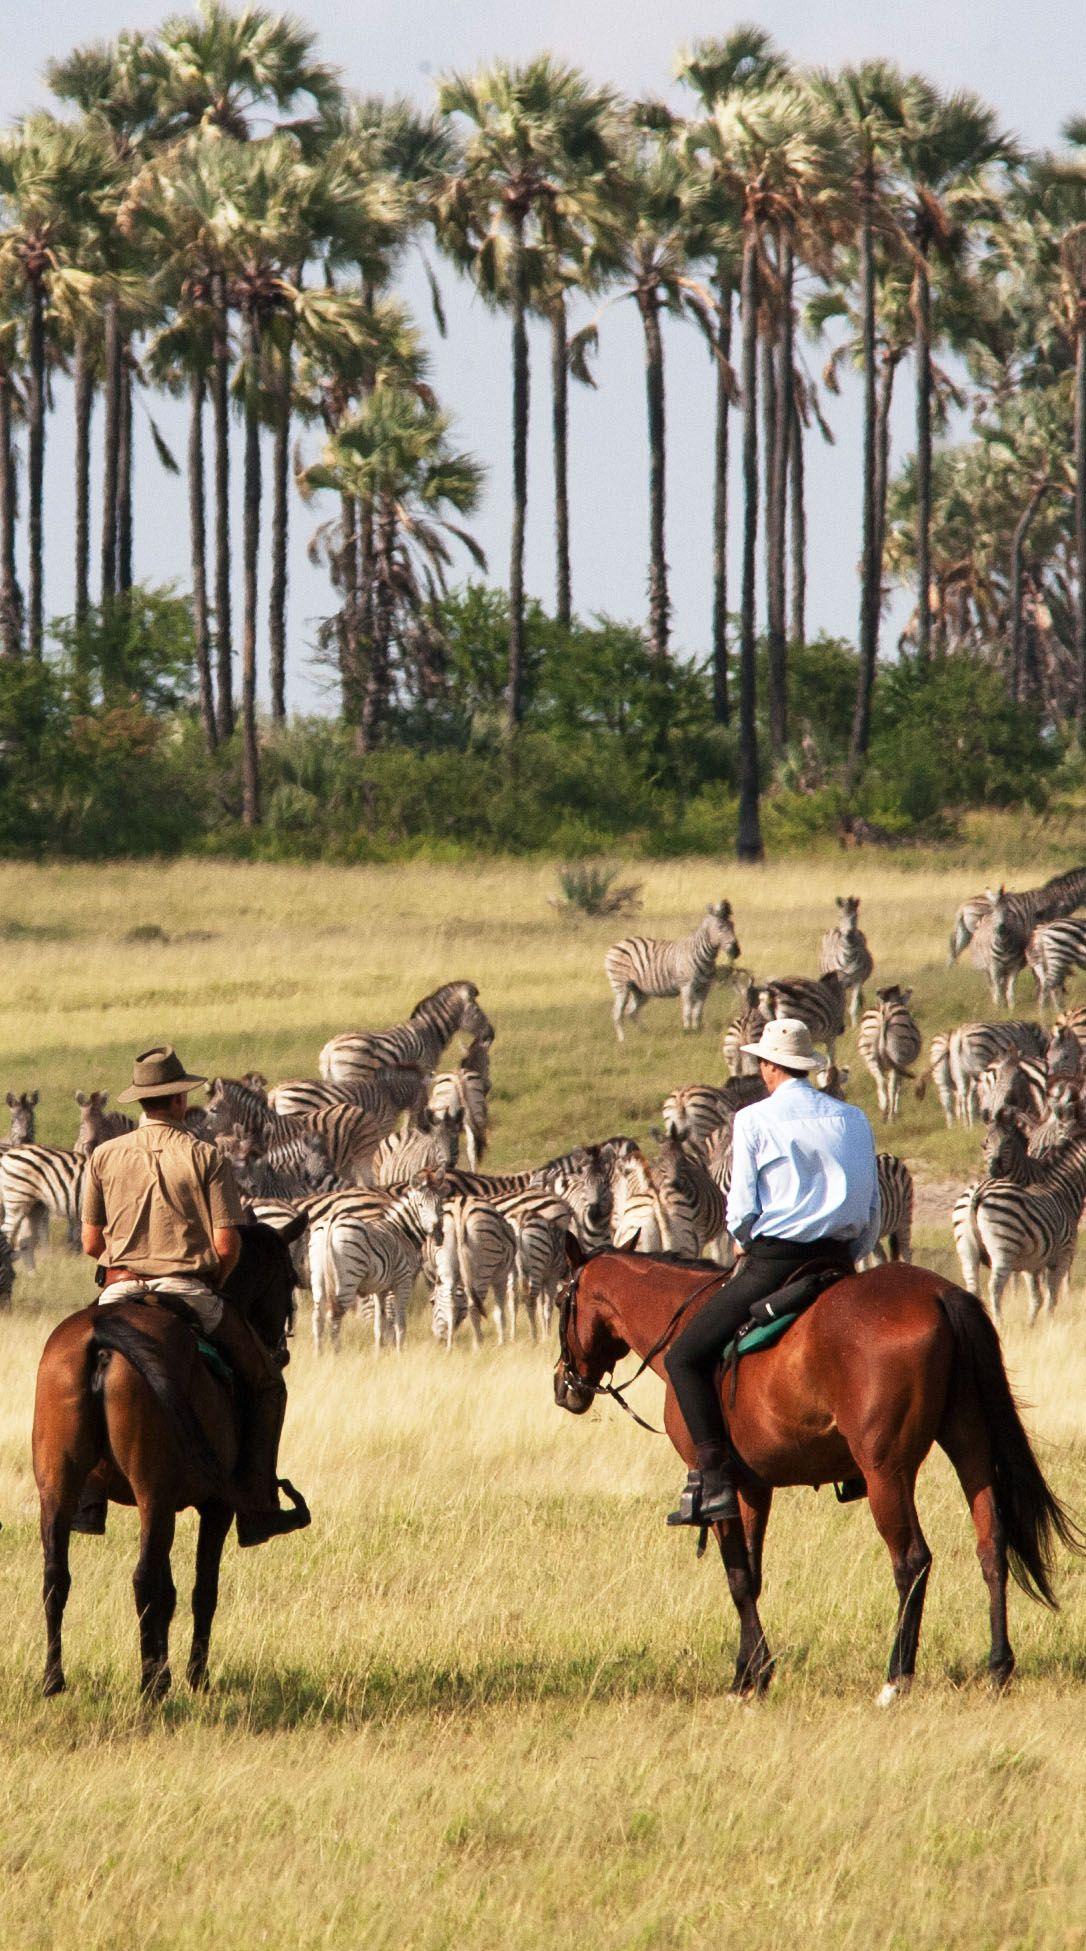 Rencontre entre chevaux et zèbres pendant un safari dans le désert du Kalahari.